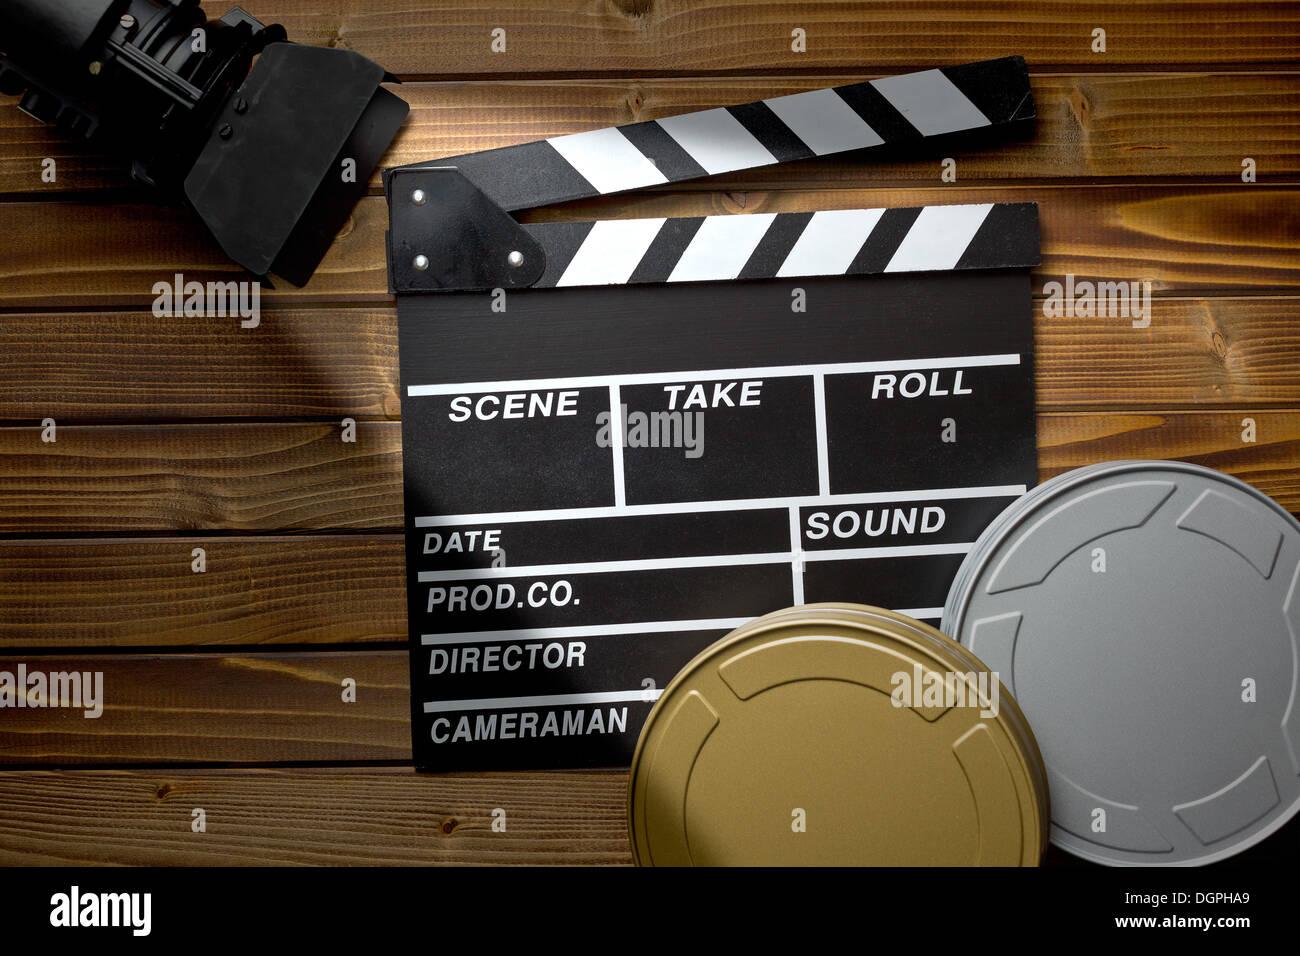 Vista superior de clapper board con película luz y rollos de película sobre la mesa de madera Imagen De Stock